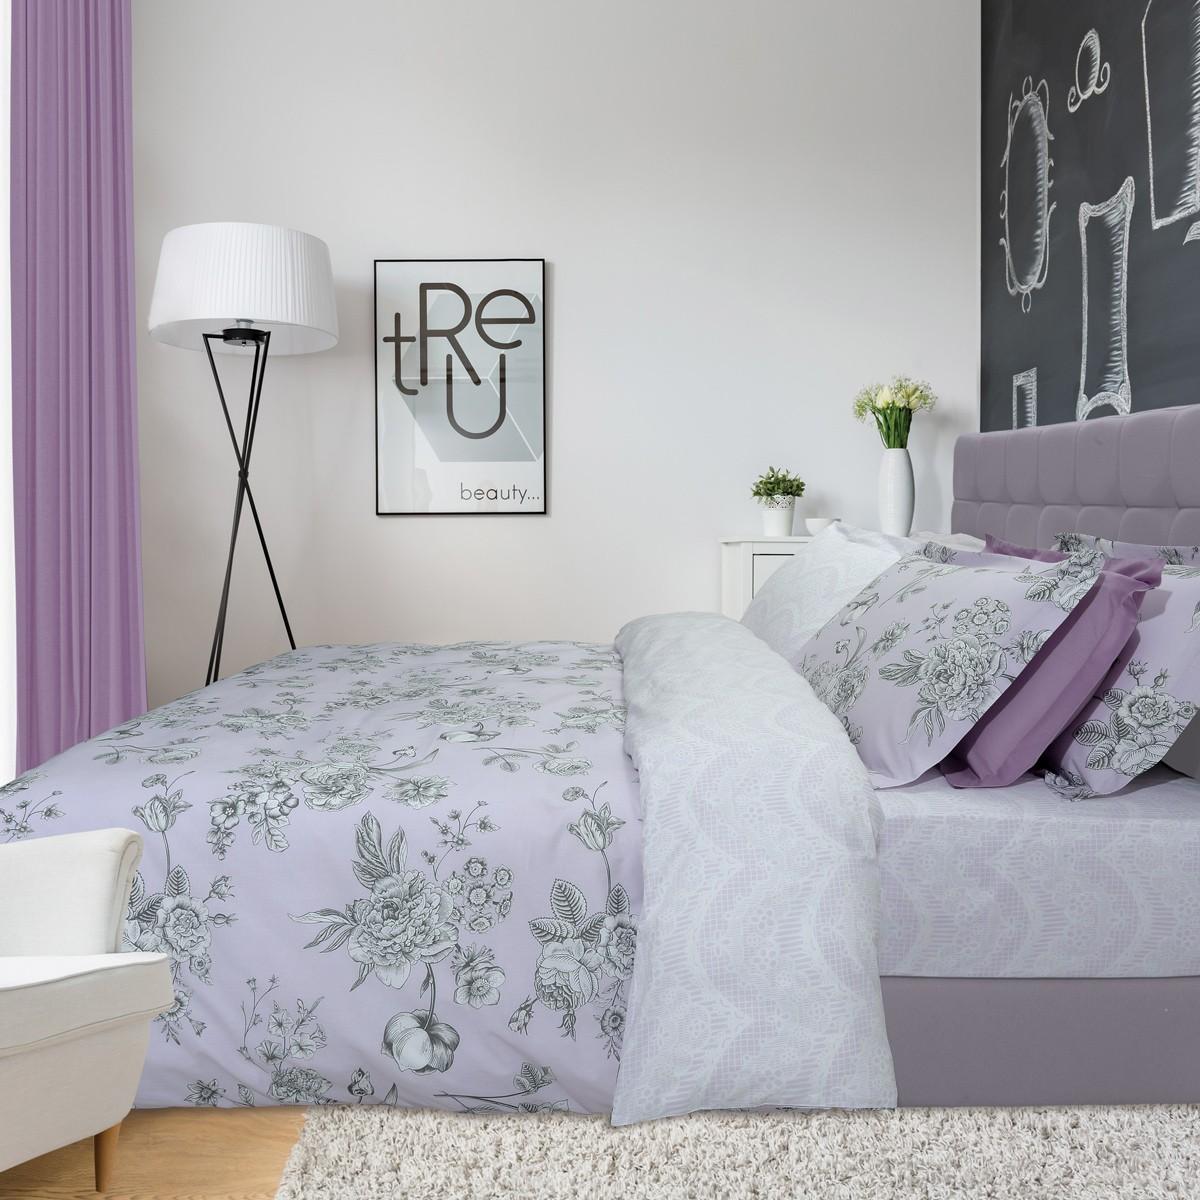 Σεντόνια Υπέρδιπλα (Σετ) Das Home Best Line Prints 4614